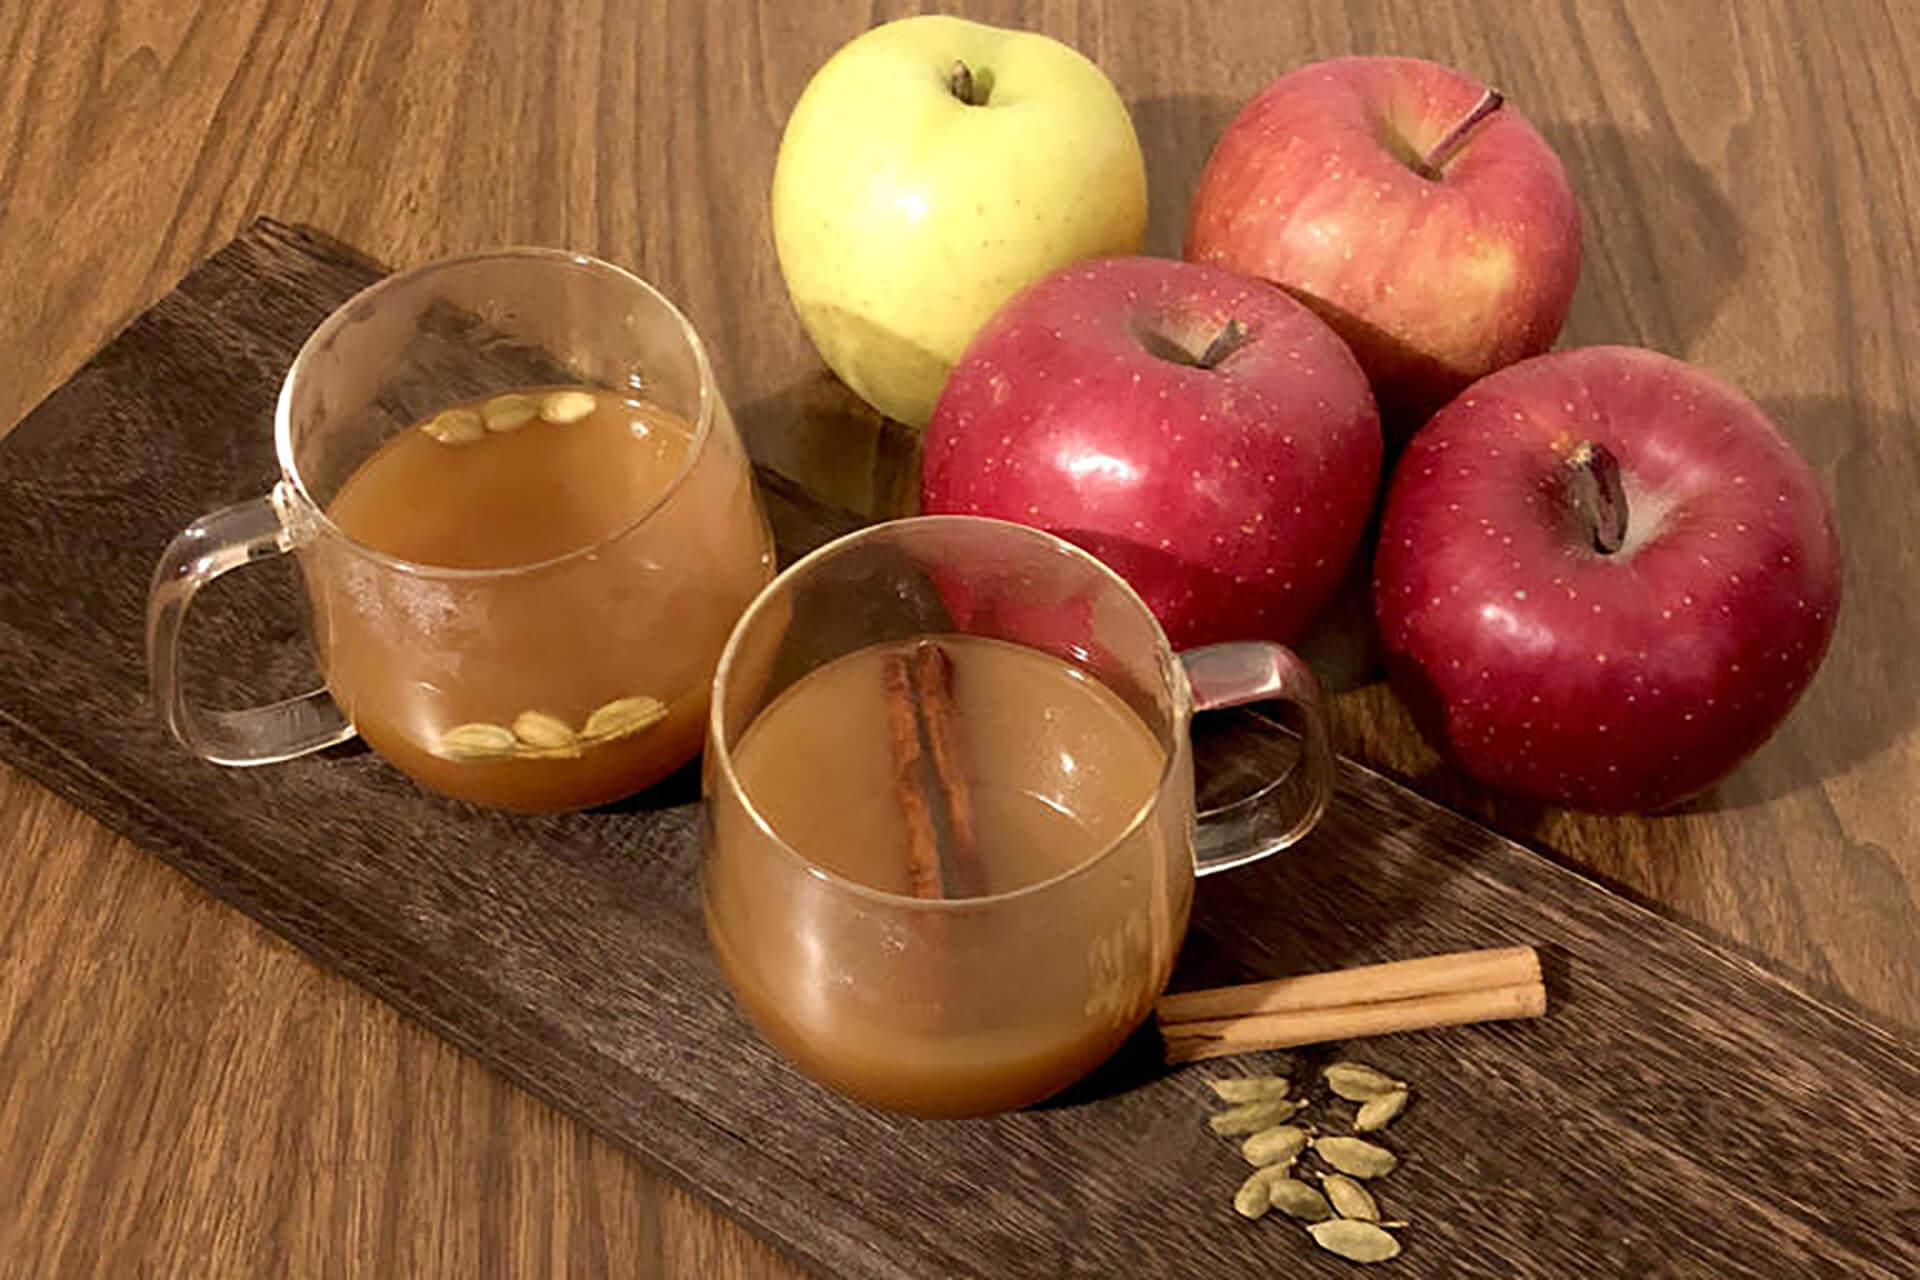 100%りんごジュースで作る 「#おうちカフェ」満喫レシピ